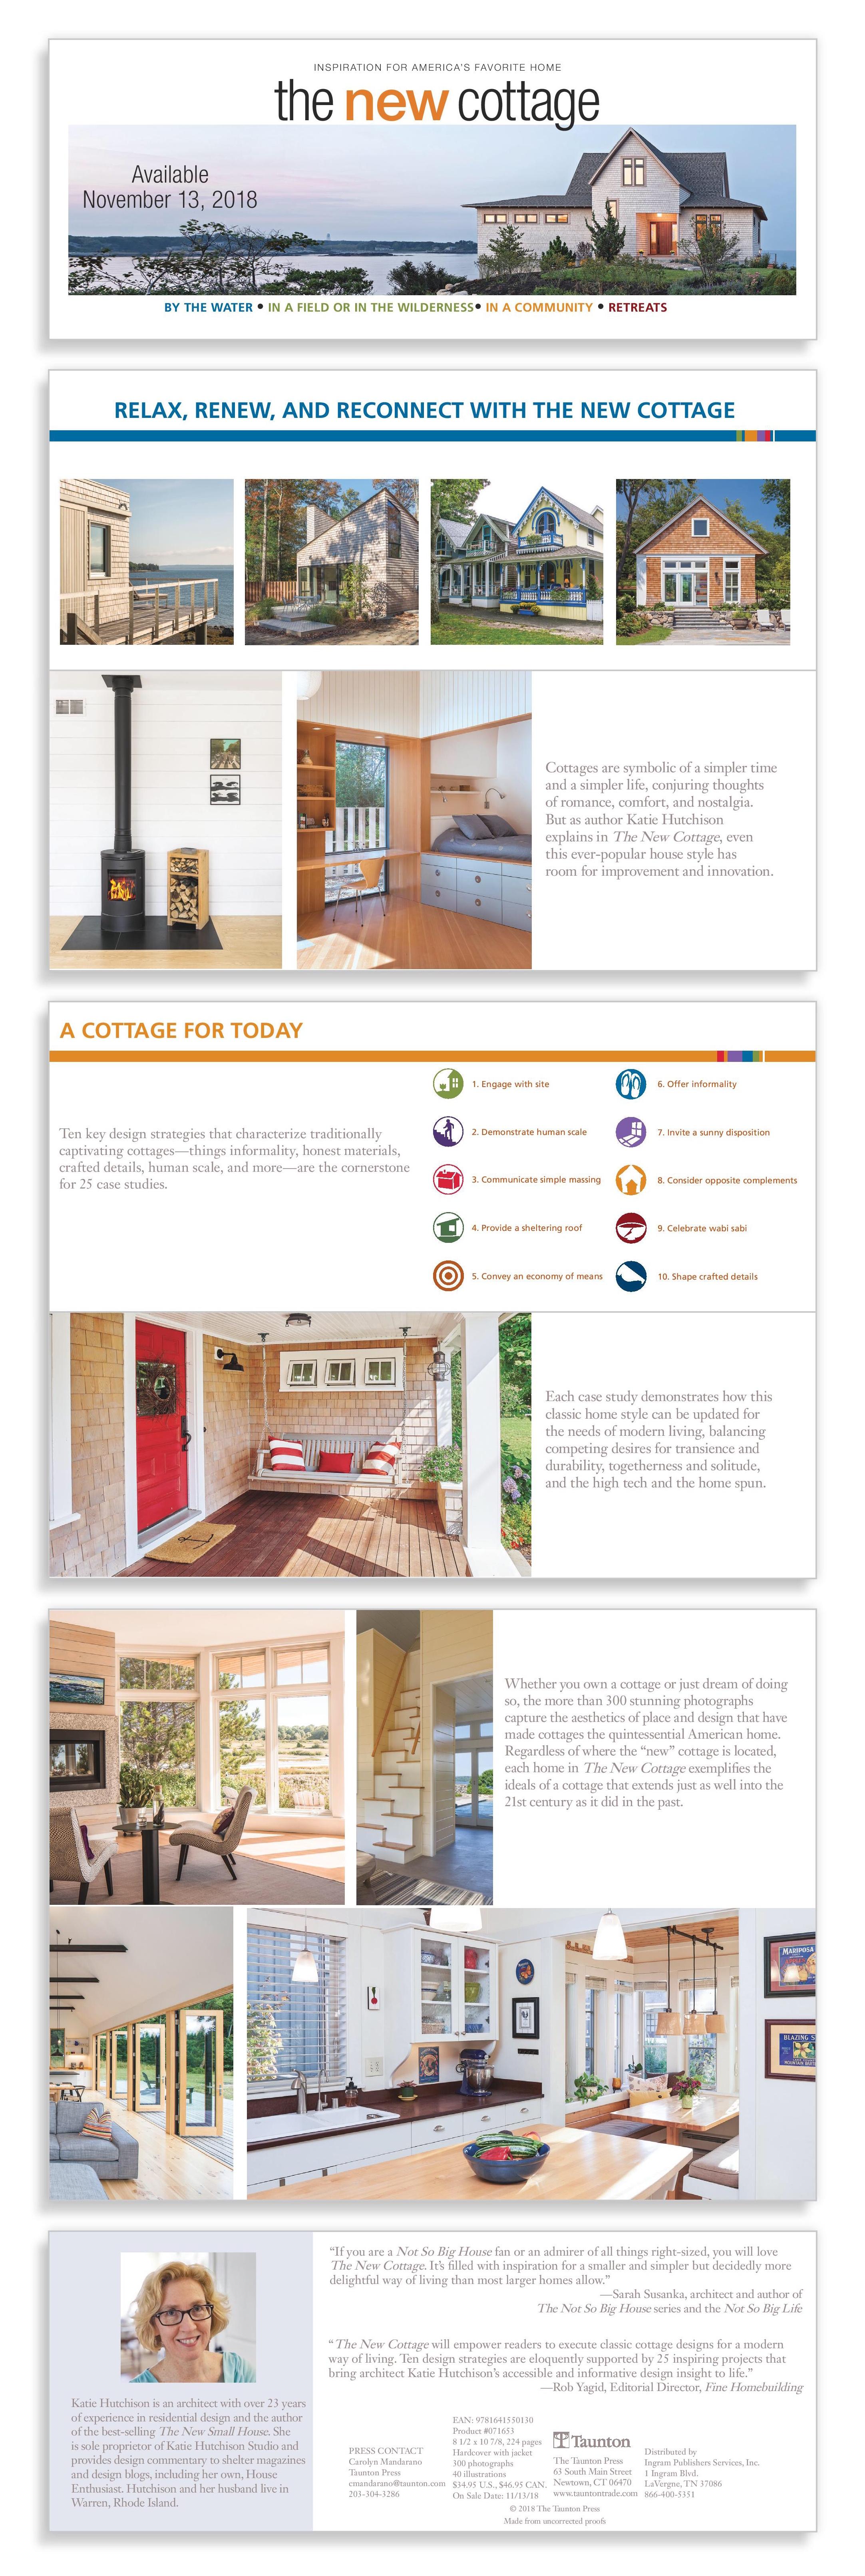 TheNewCottage_brochure.jpeg